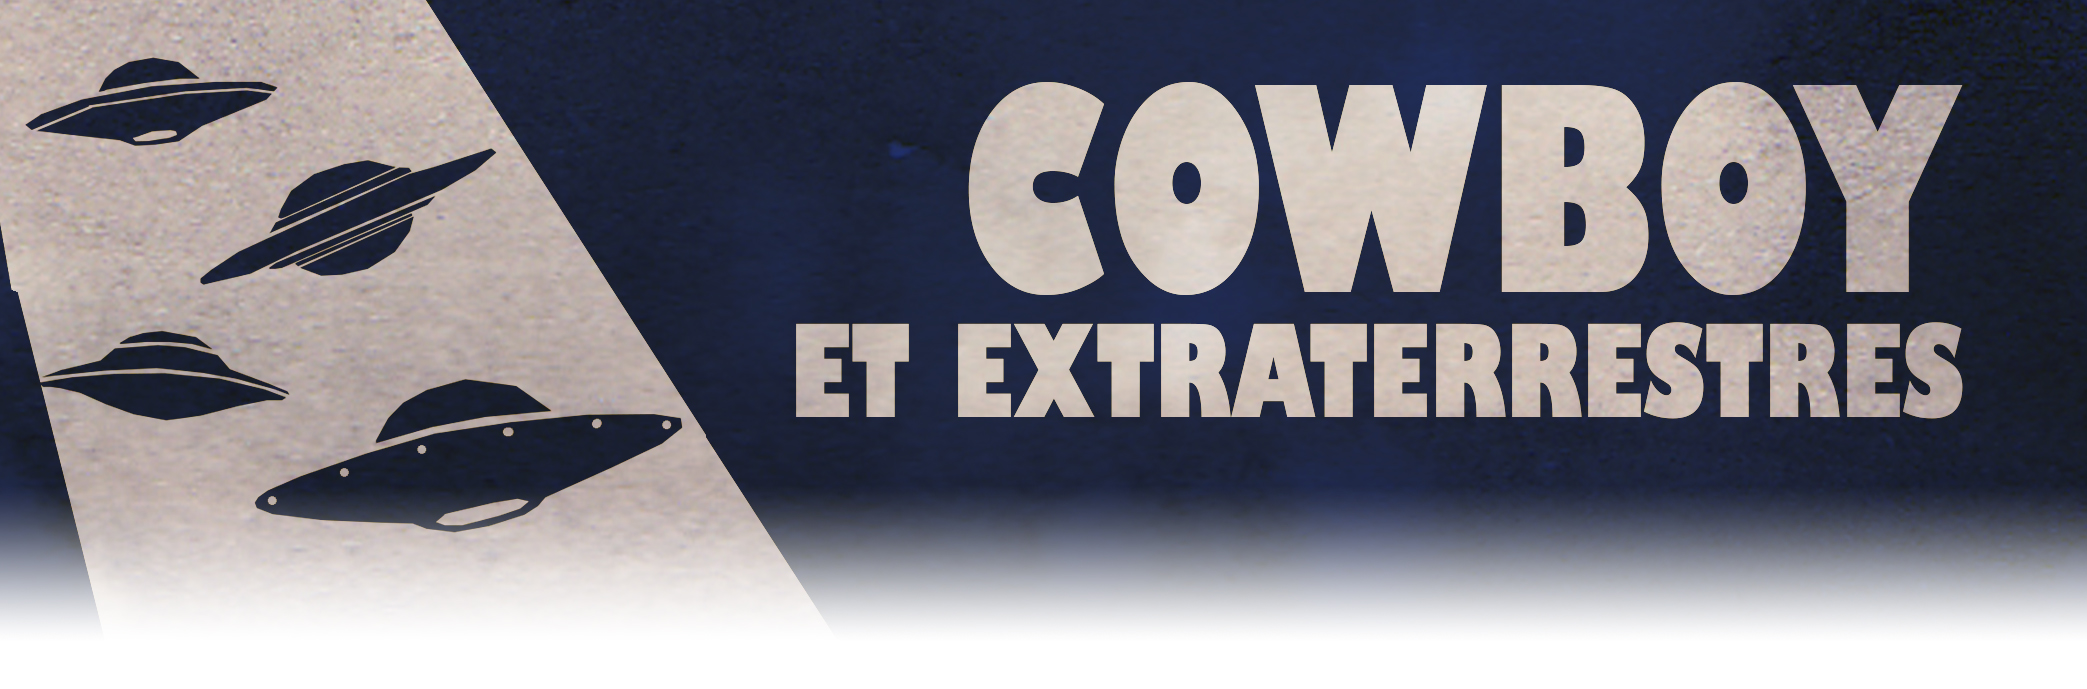 Cowboy et Extraterrestres